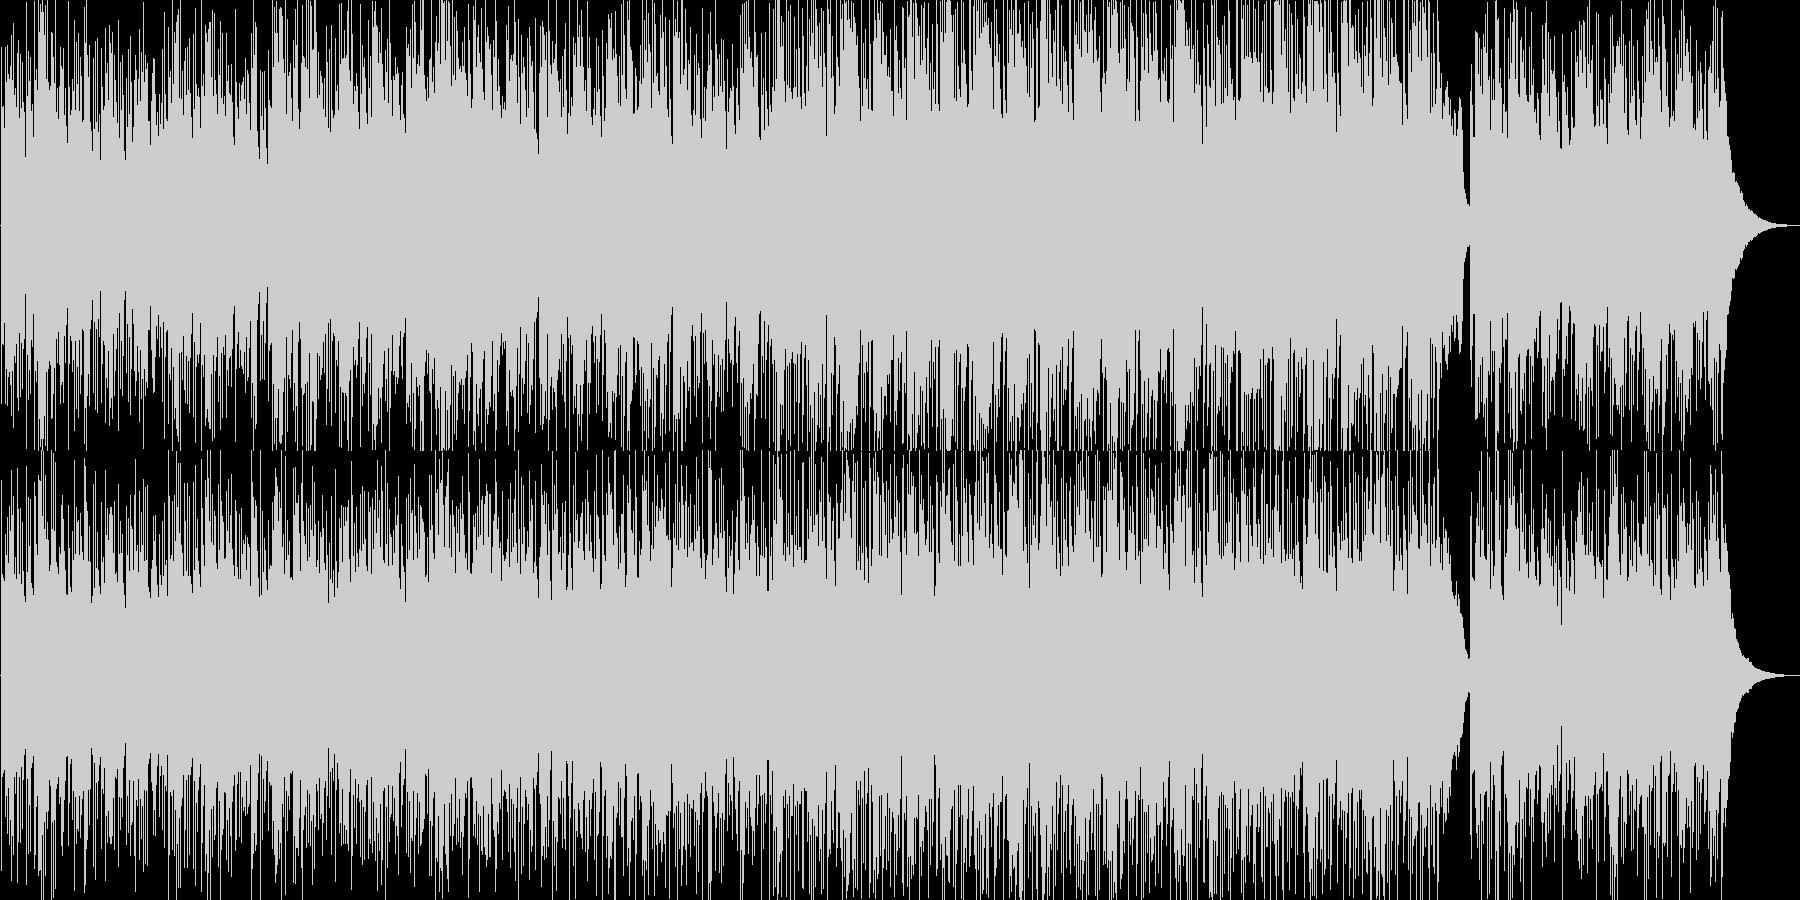 ほのぼの・感動的・映像・イベント用の未再生の波形